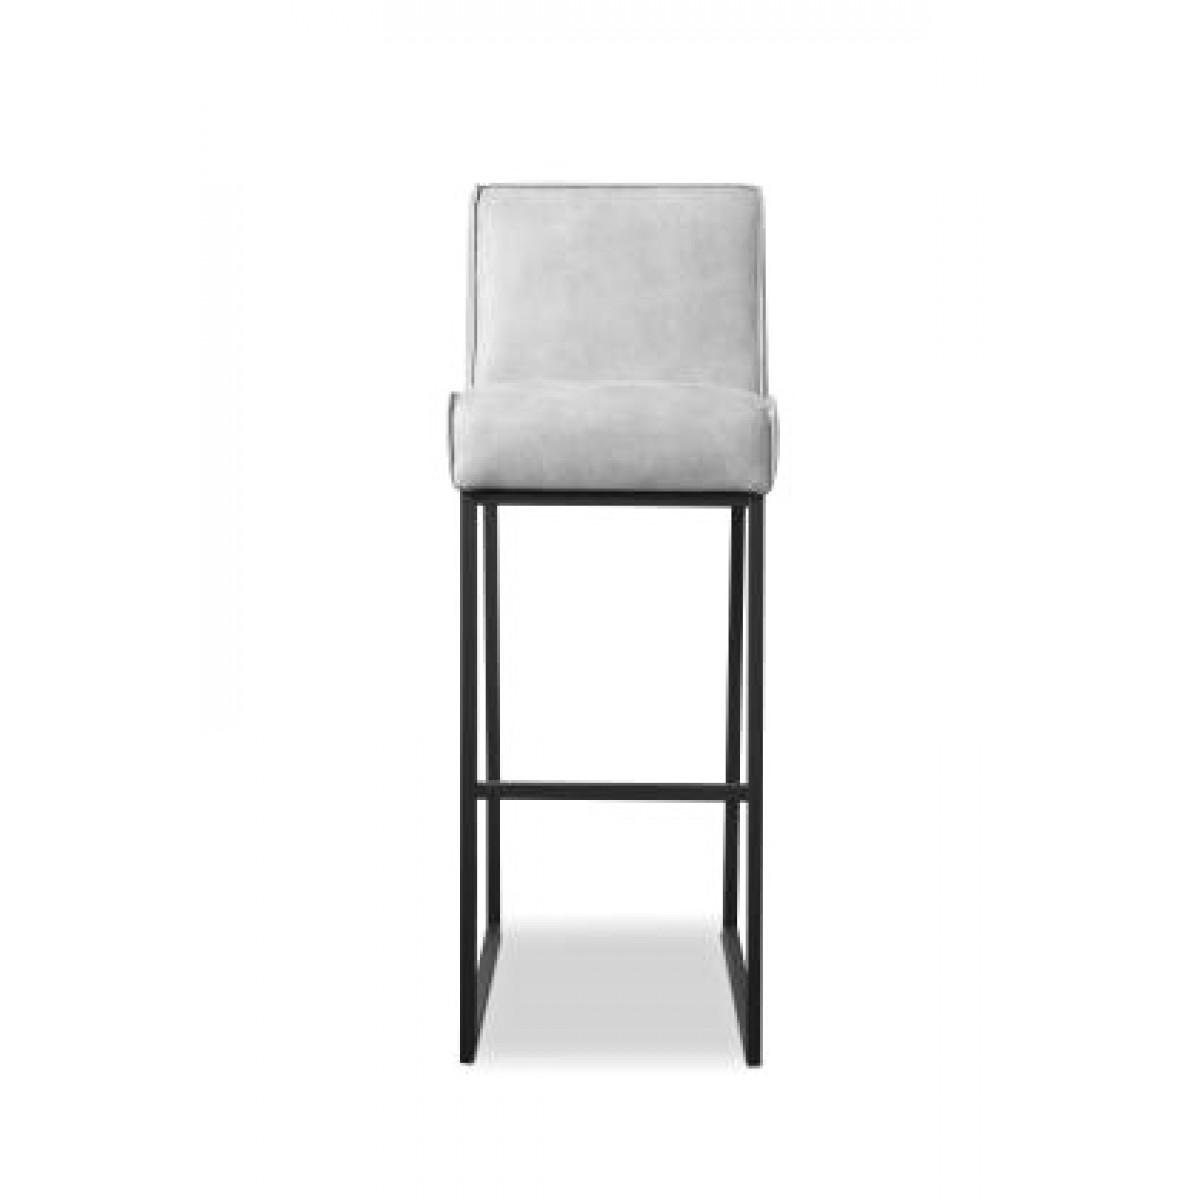 barkruk-barhocker-stool-het-anker-lara-miltonhouse-l60